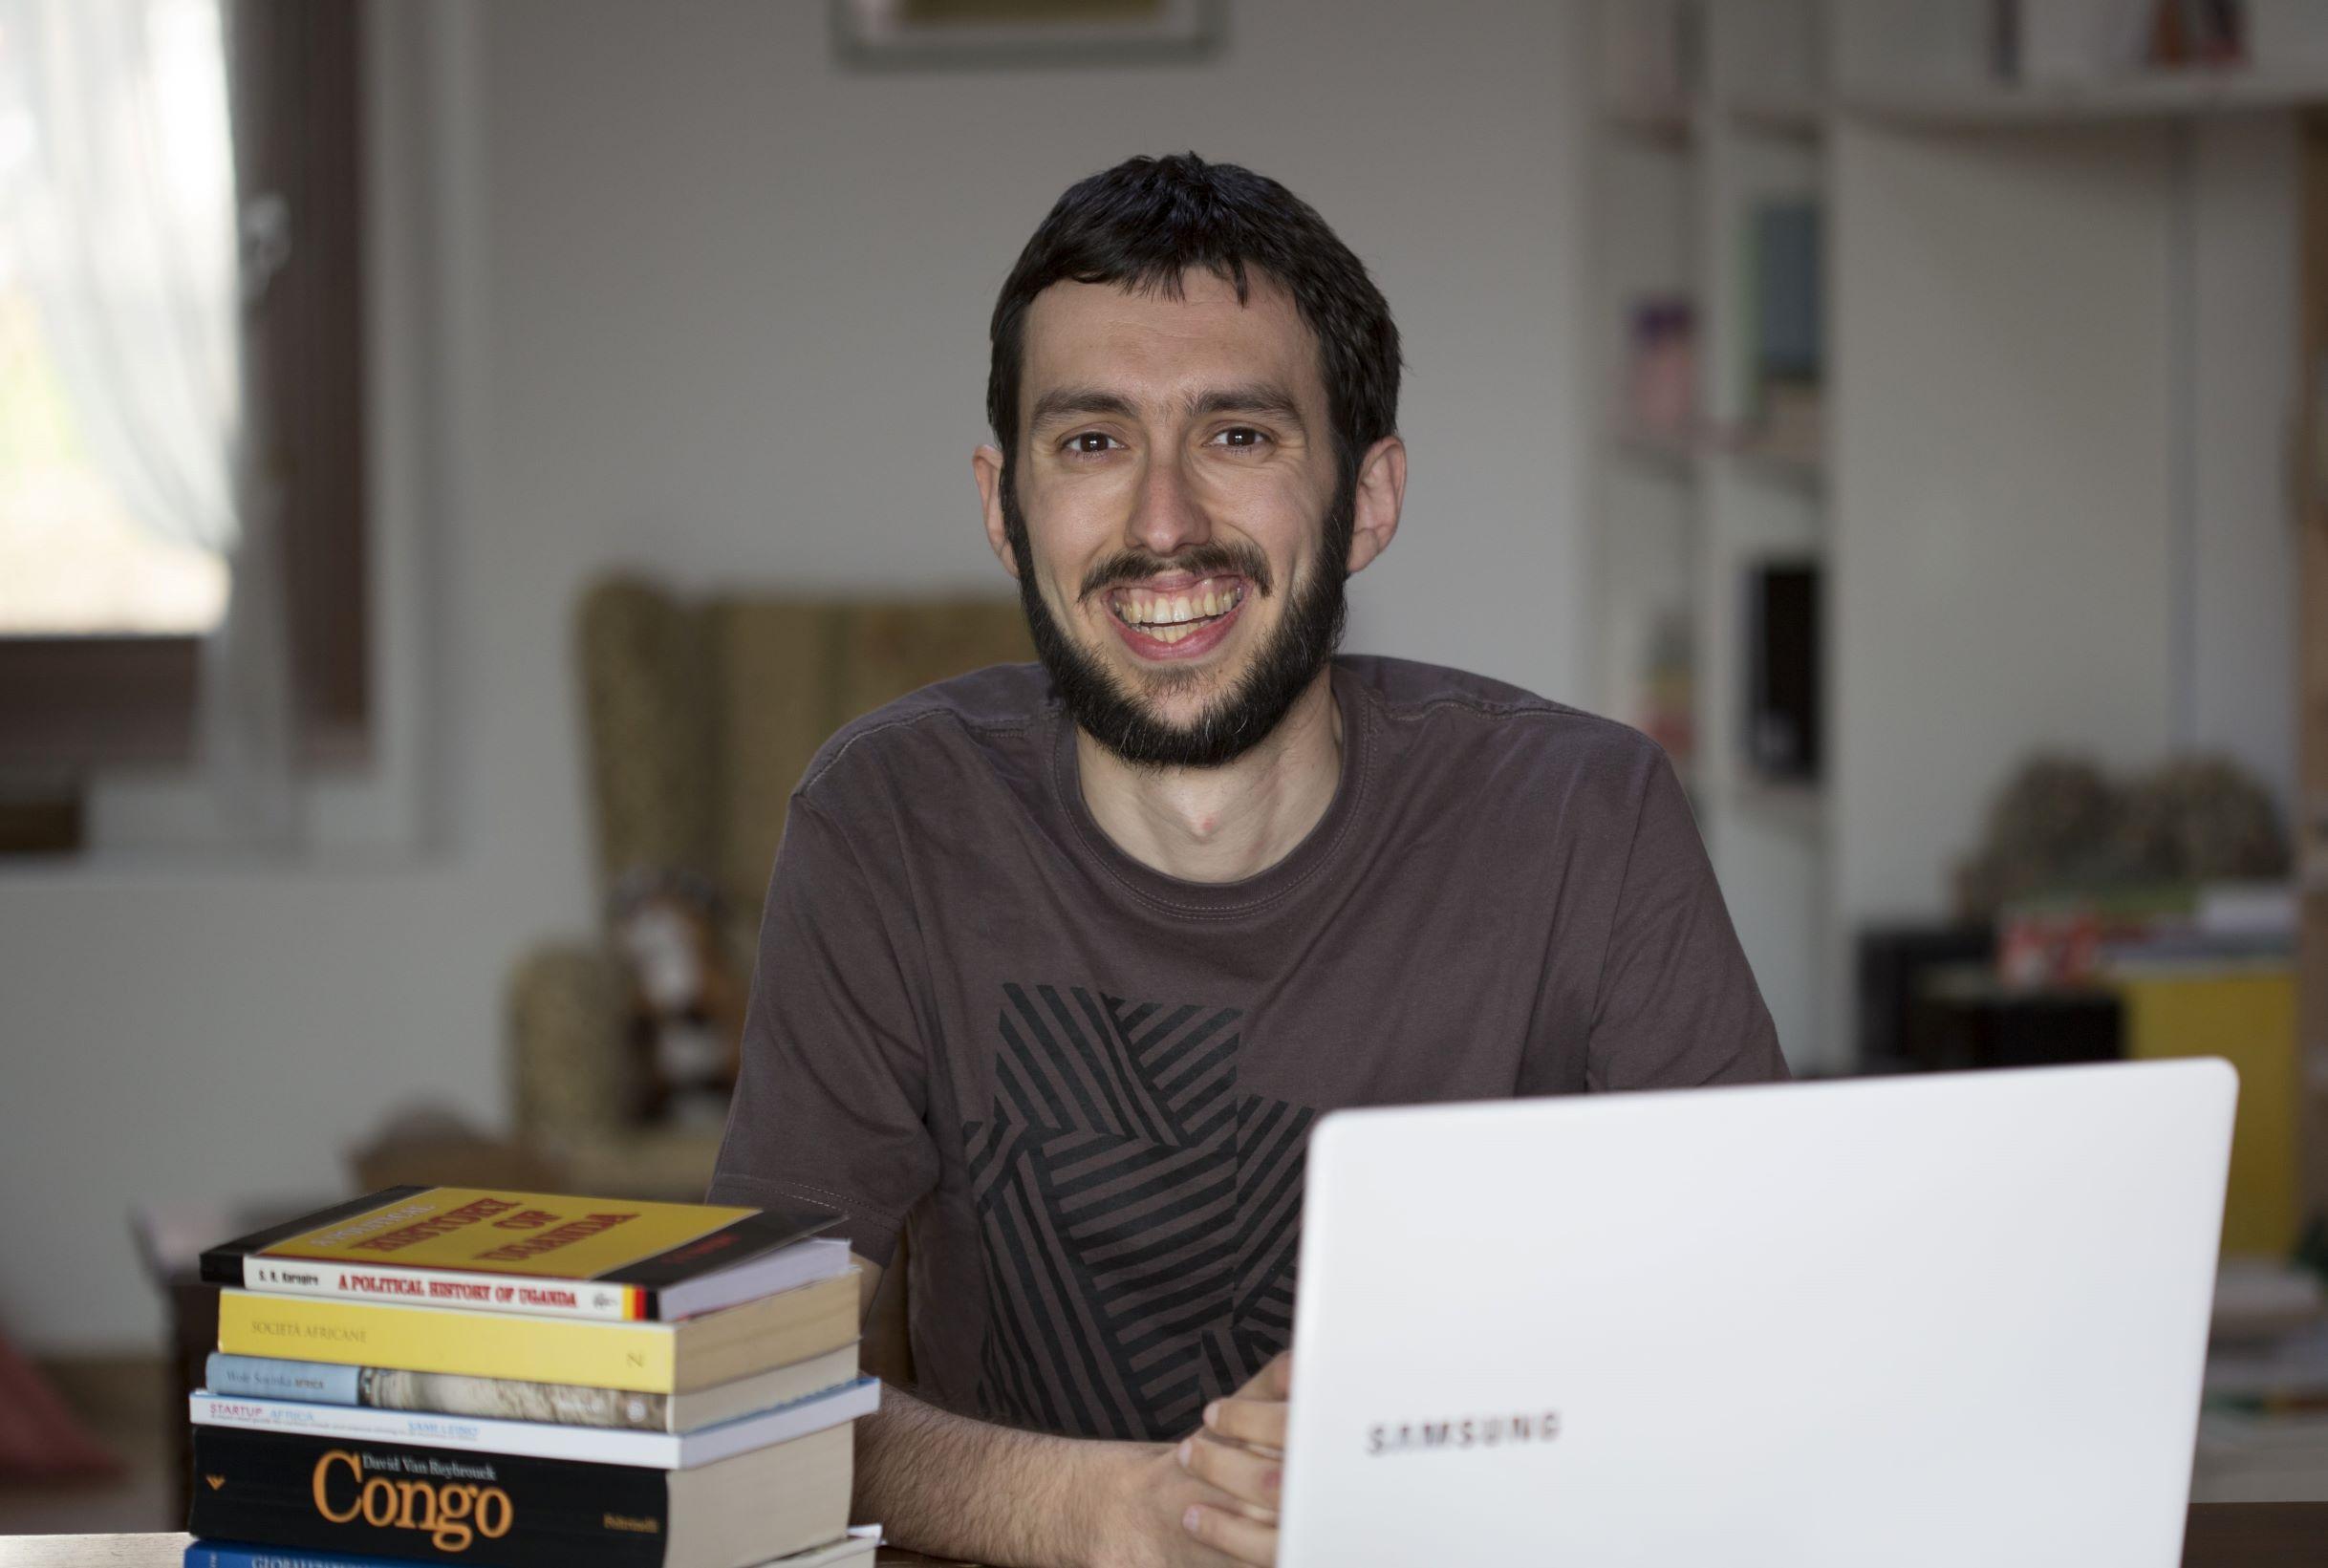 Martino Ghielmi